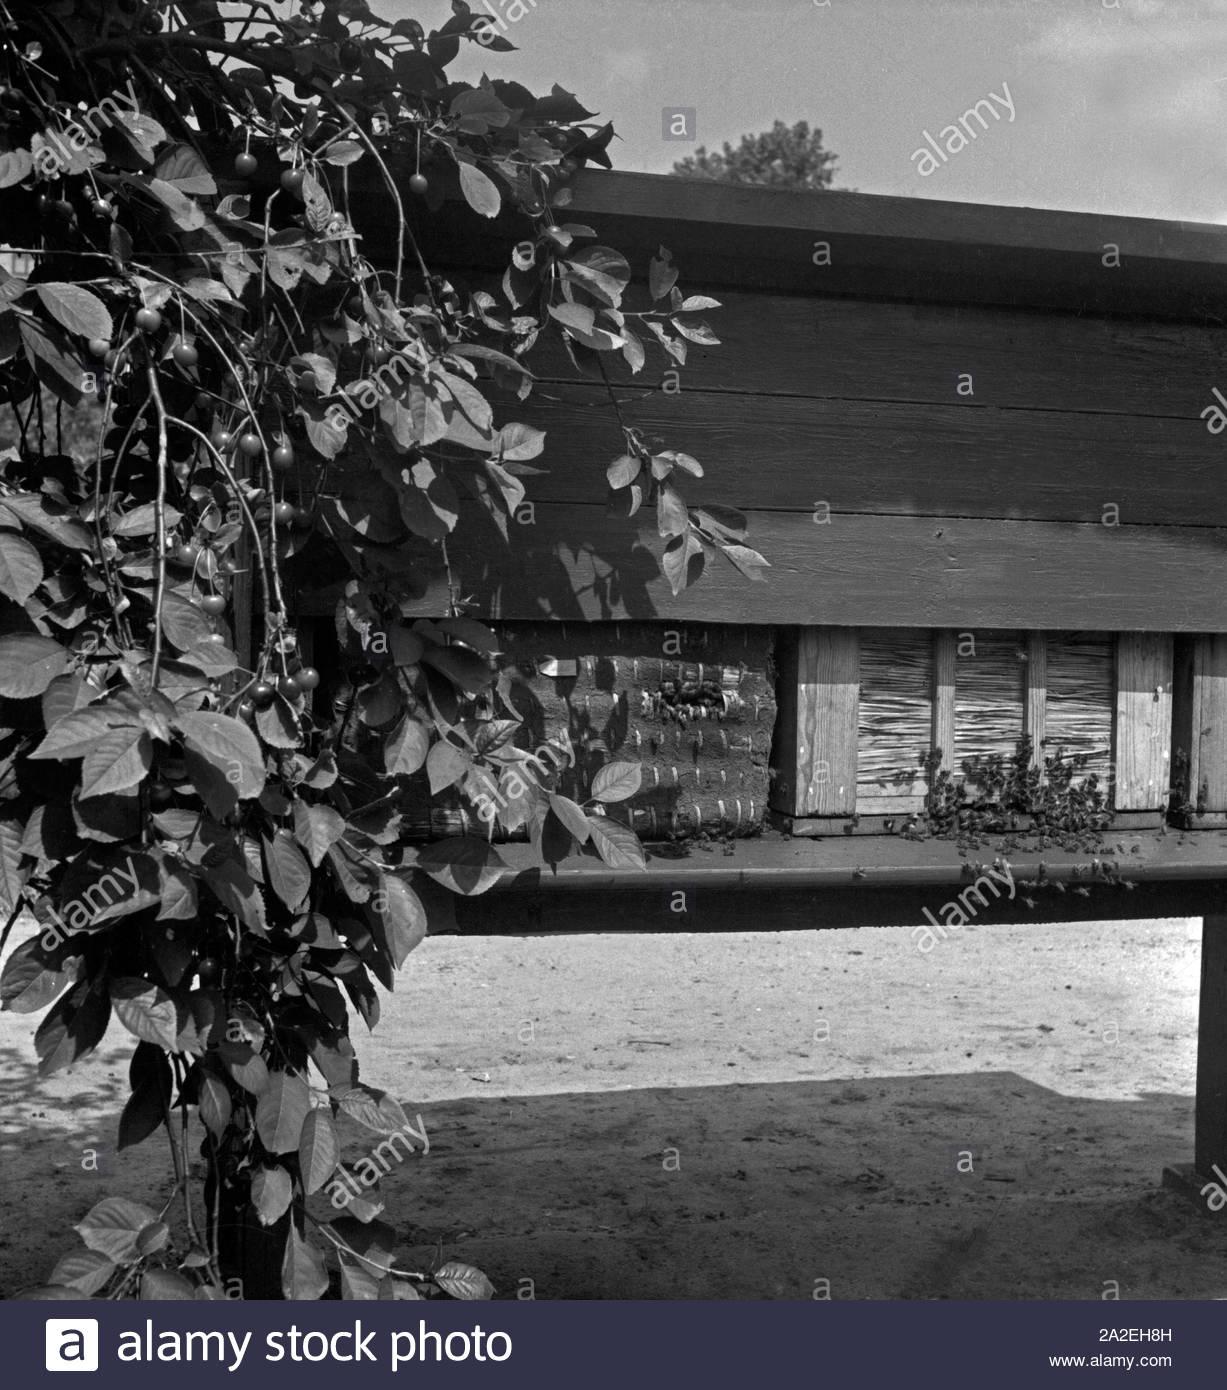 bienenstocke mit bienenvolkern im garten des landesinstituts fur bienenforschung in celle deutschland 1930er jahre alveari con le colonie di api nel giardino del miele centro di ricerche apicole di celle germania 1930s 2a2eh8h